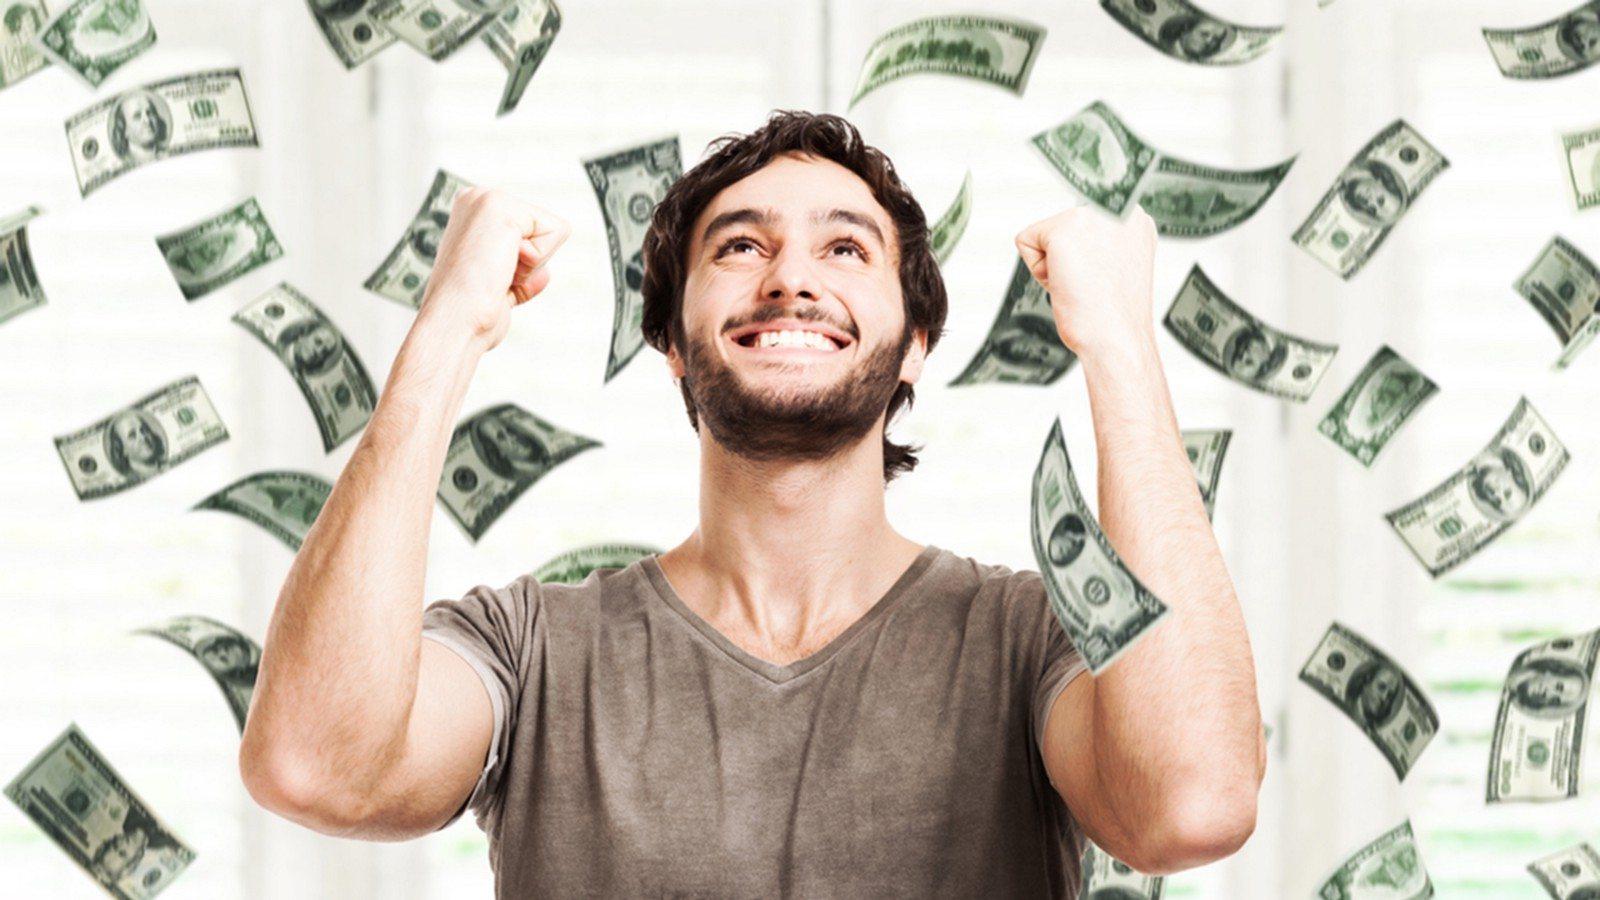 بالصور كيف تصبح غنيا , بعض الخطوات التى تؤهلك ان تكون غنيا